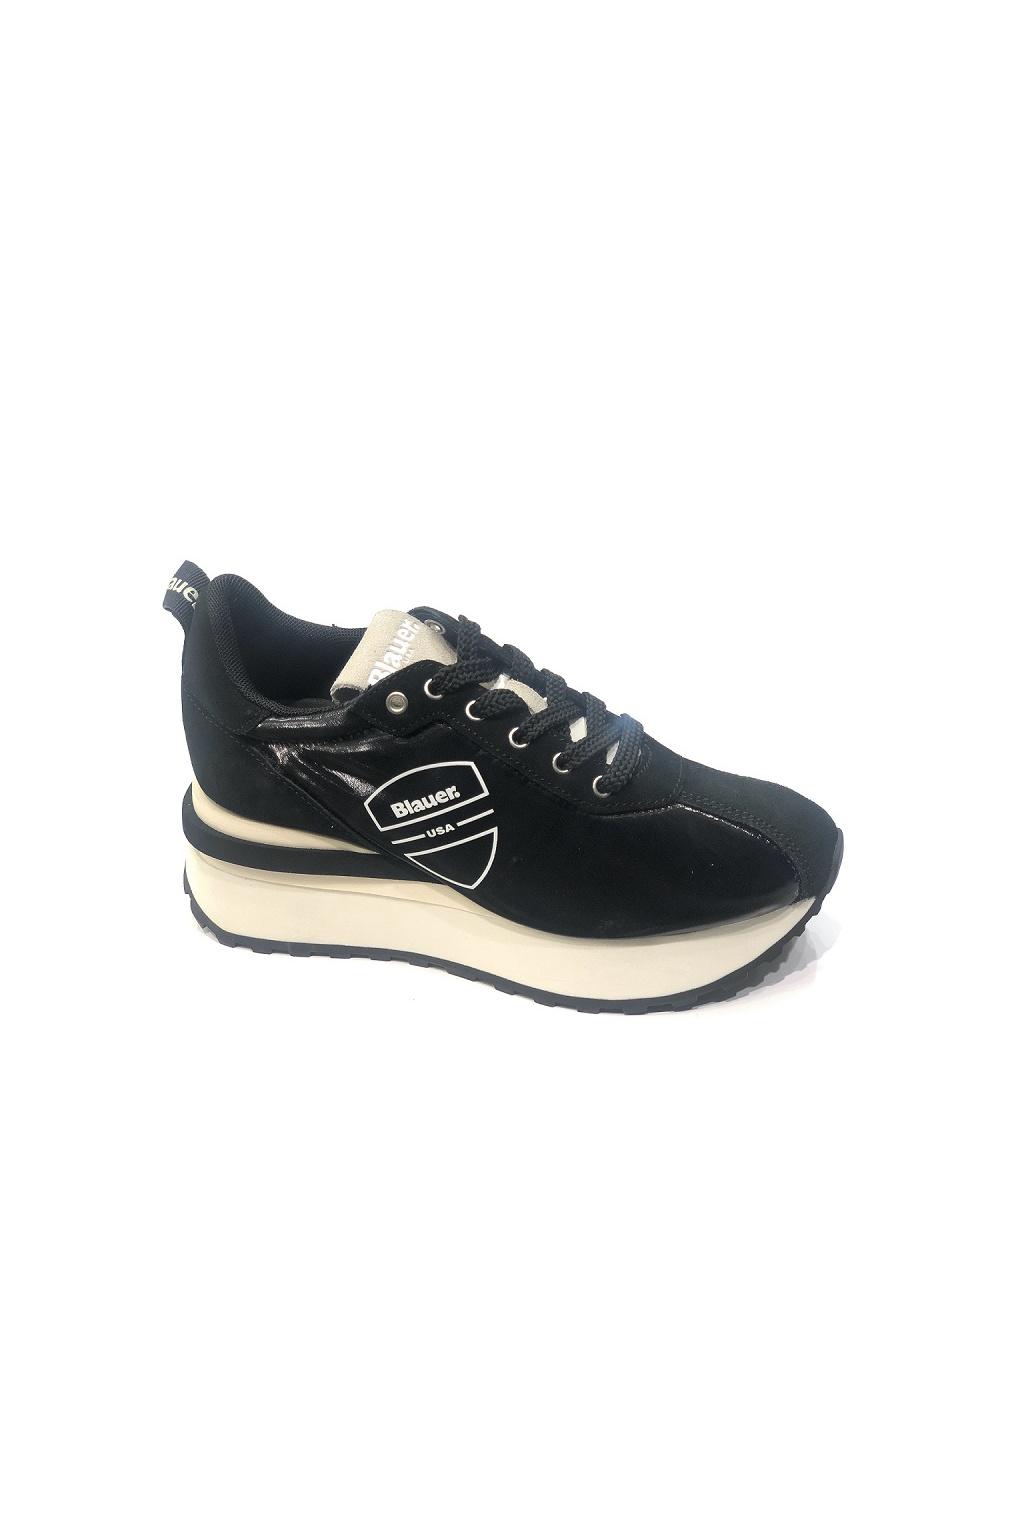 Dámské boty Blauer MABEL01 černé